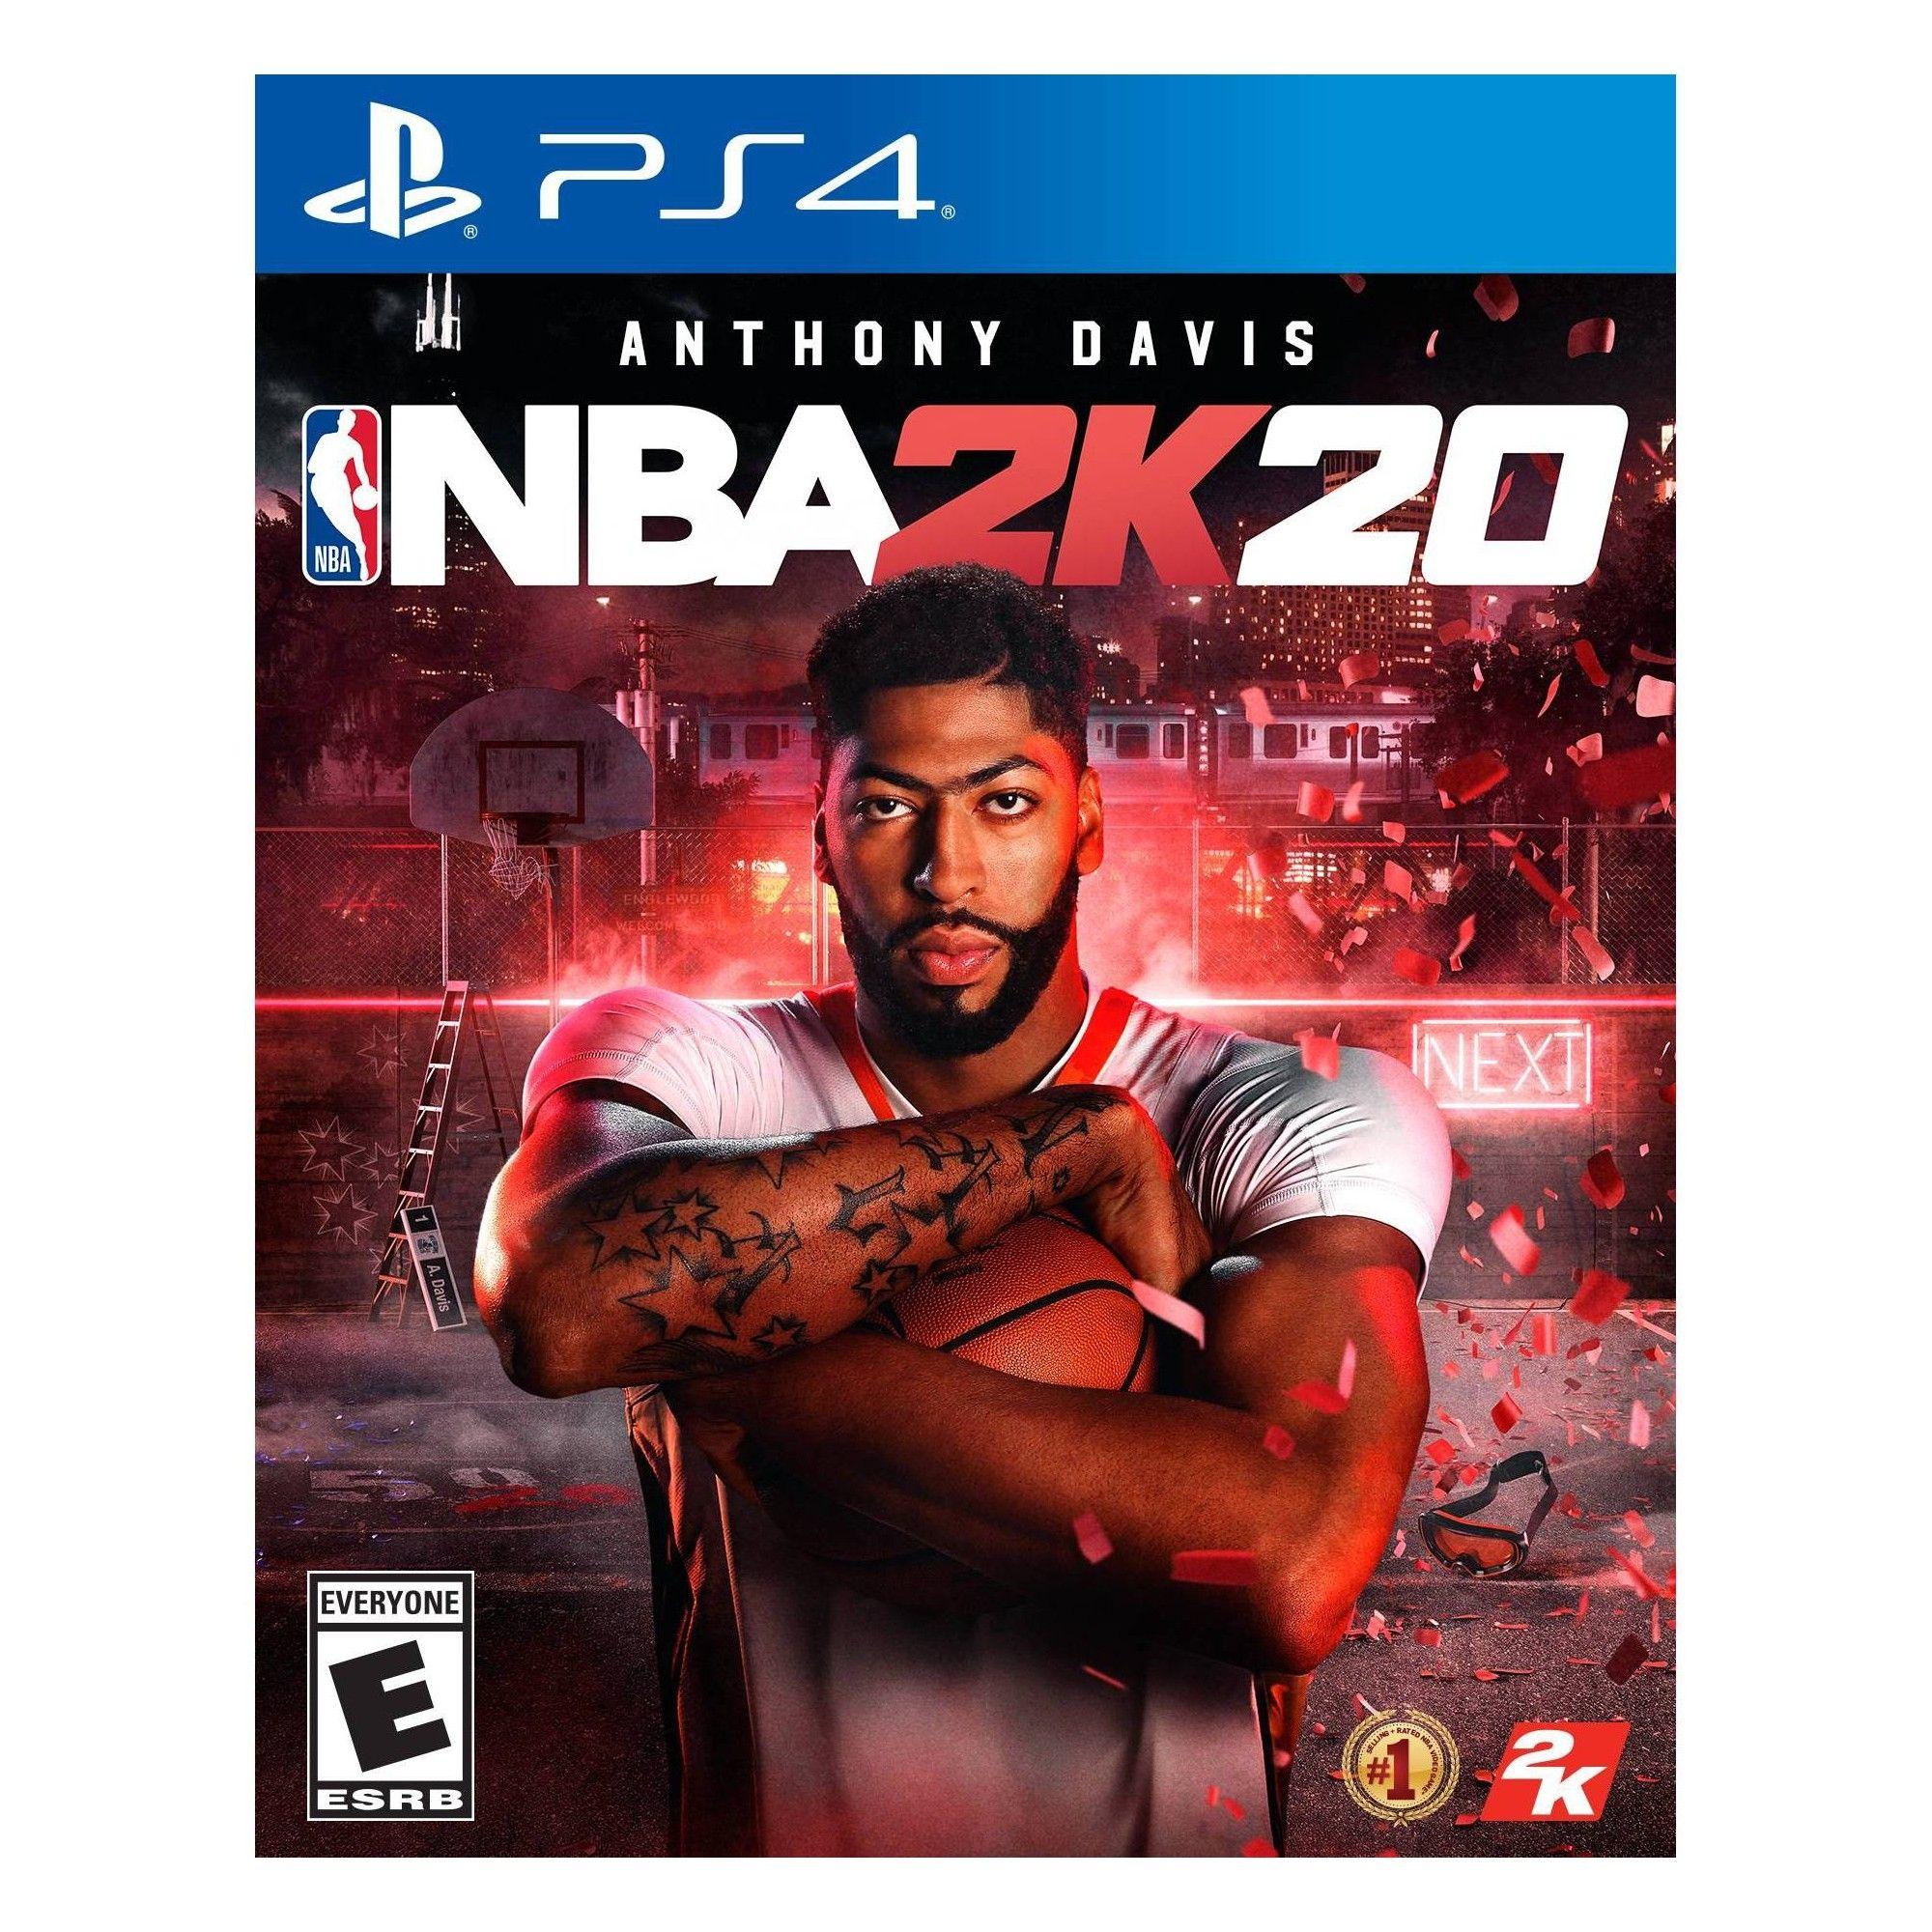 Nba 2k20 Playstation 4 Ios Games Ps4 Games Basketball Video Games